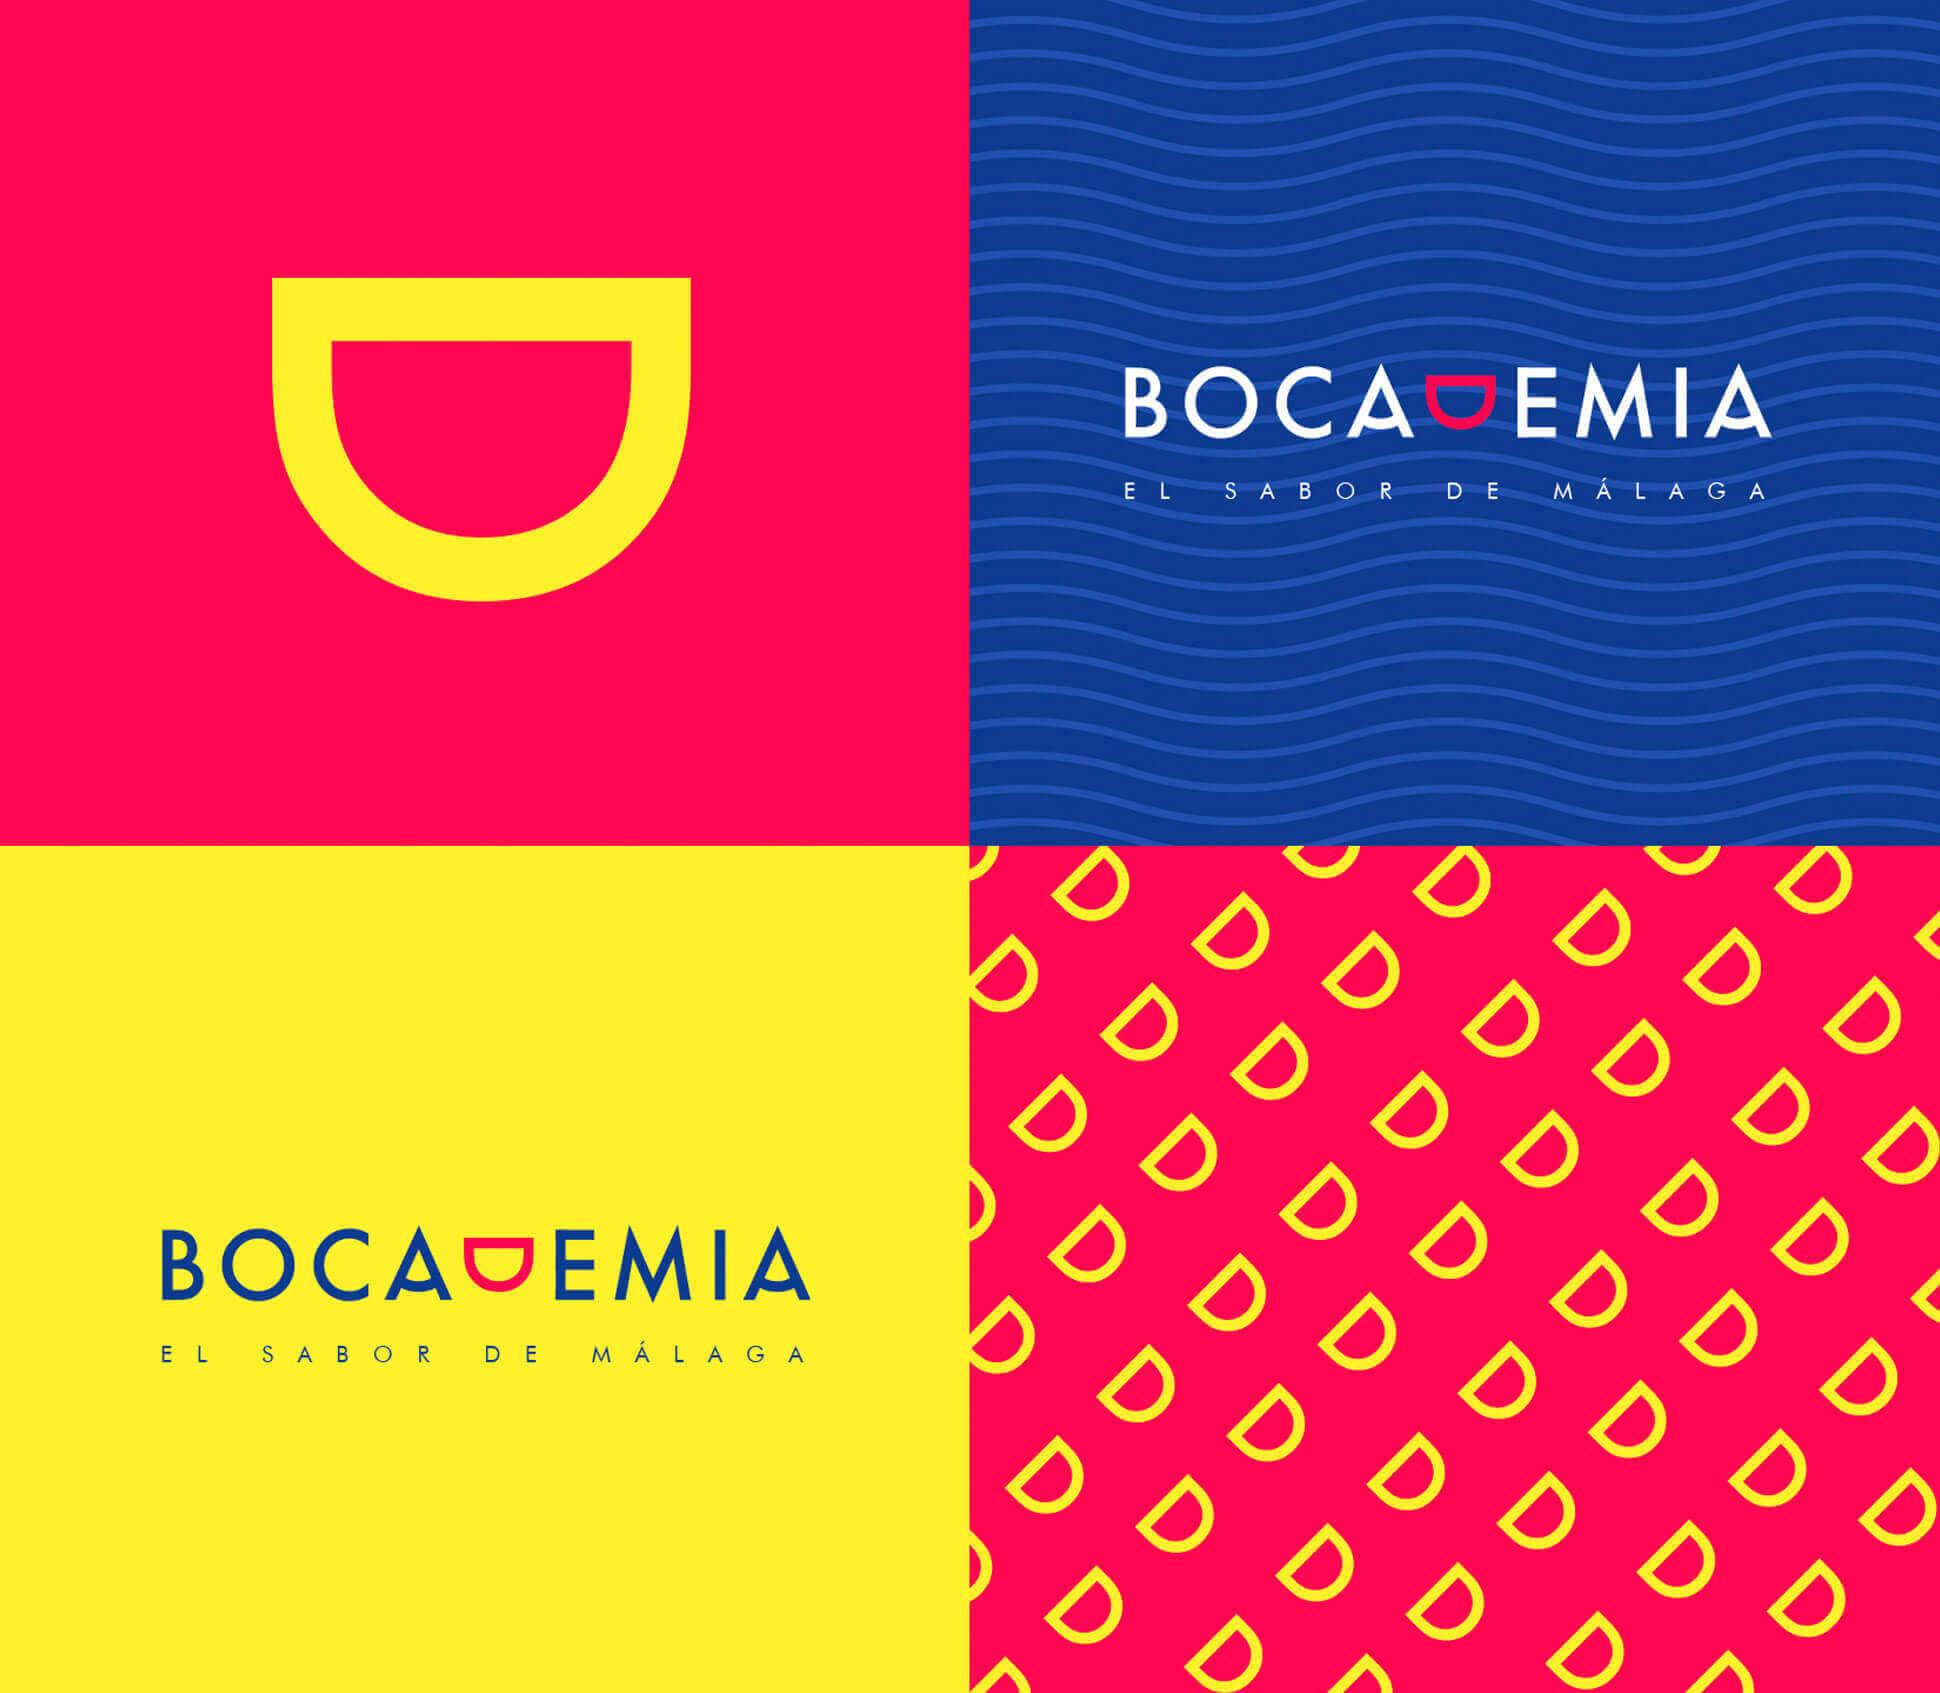 Aplicaciones de la marca Bocademia con fondos y patrones